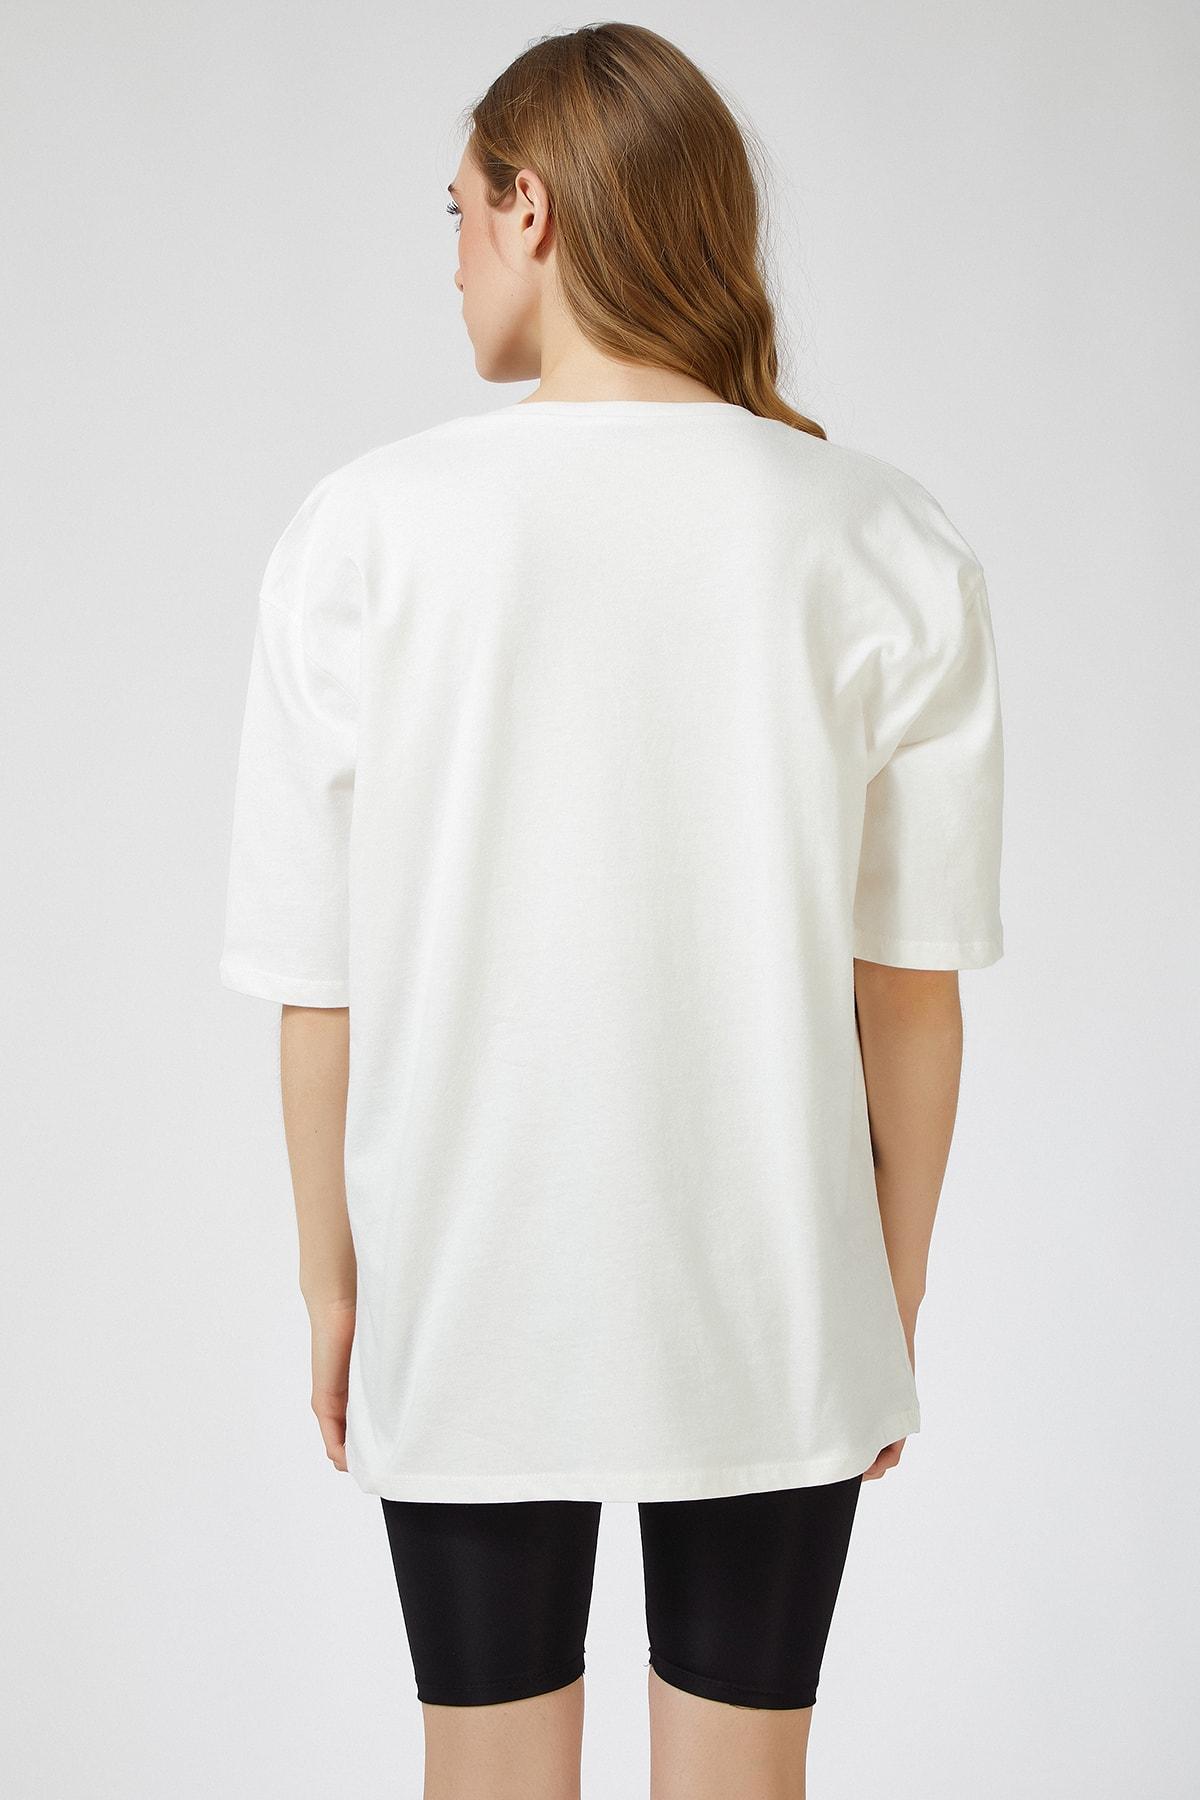 Happiness İst. Kadın Ekru Baskılı Oversize Uzun  T-shirt ZV00089 2